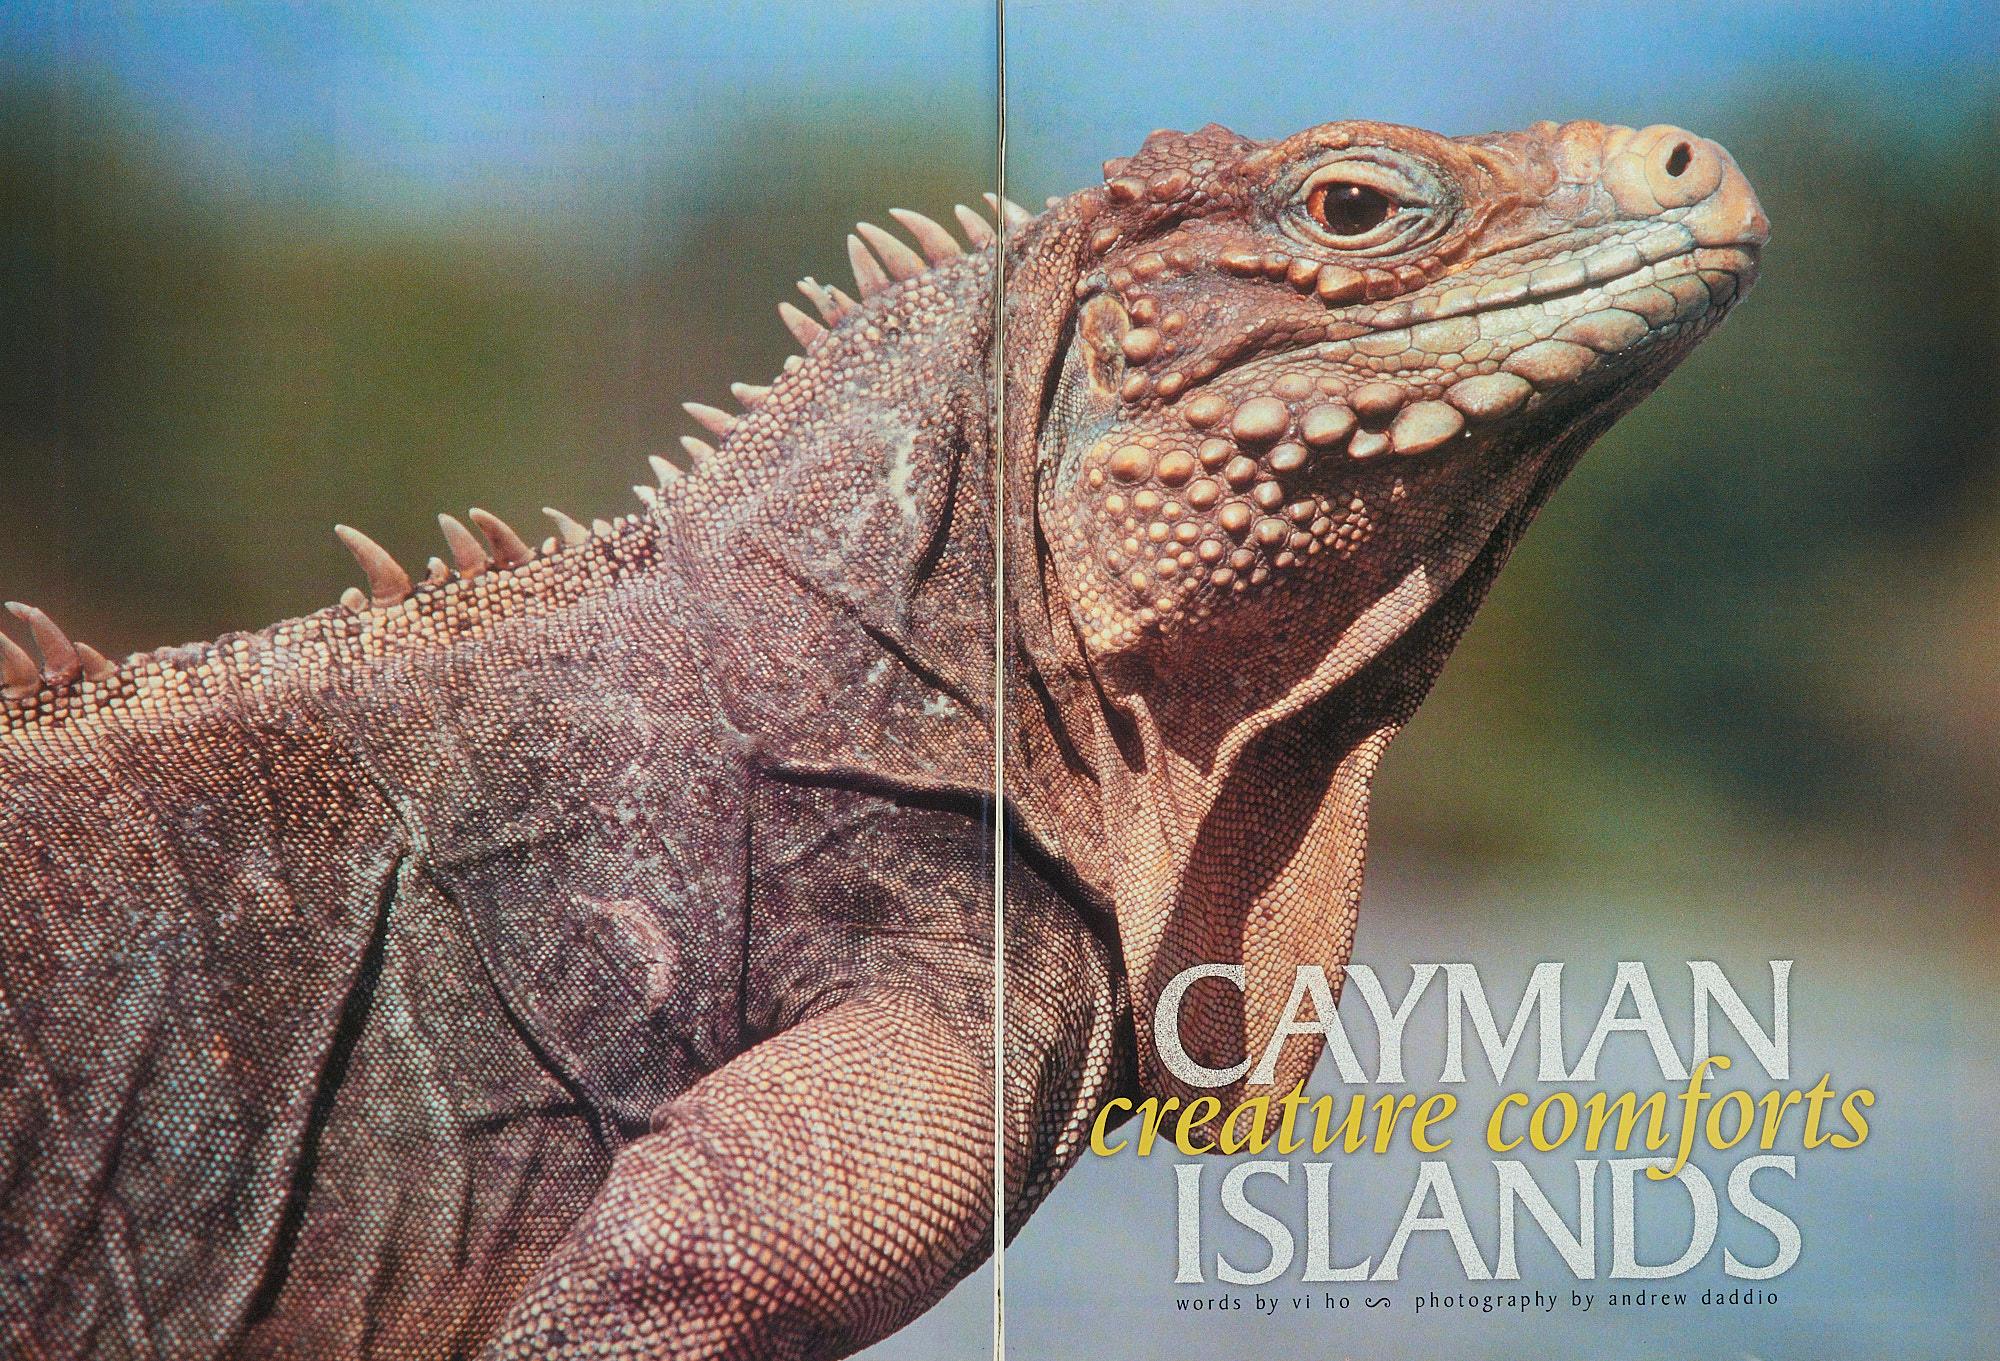 007_Cayman_NWA.jpg